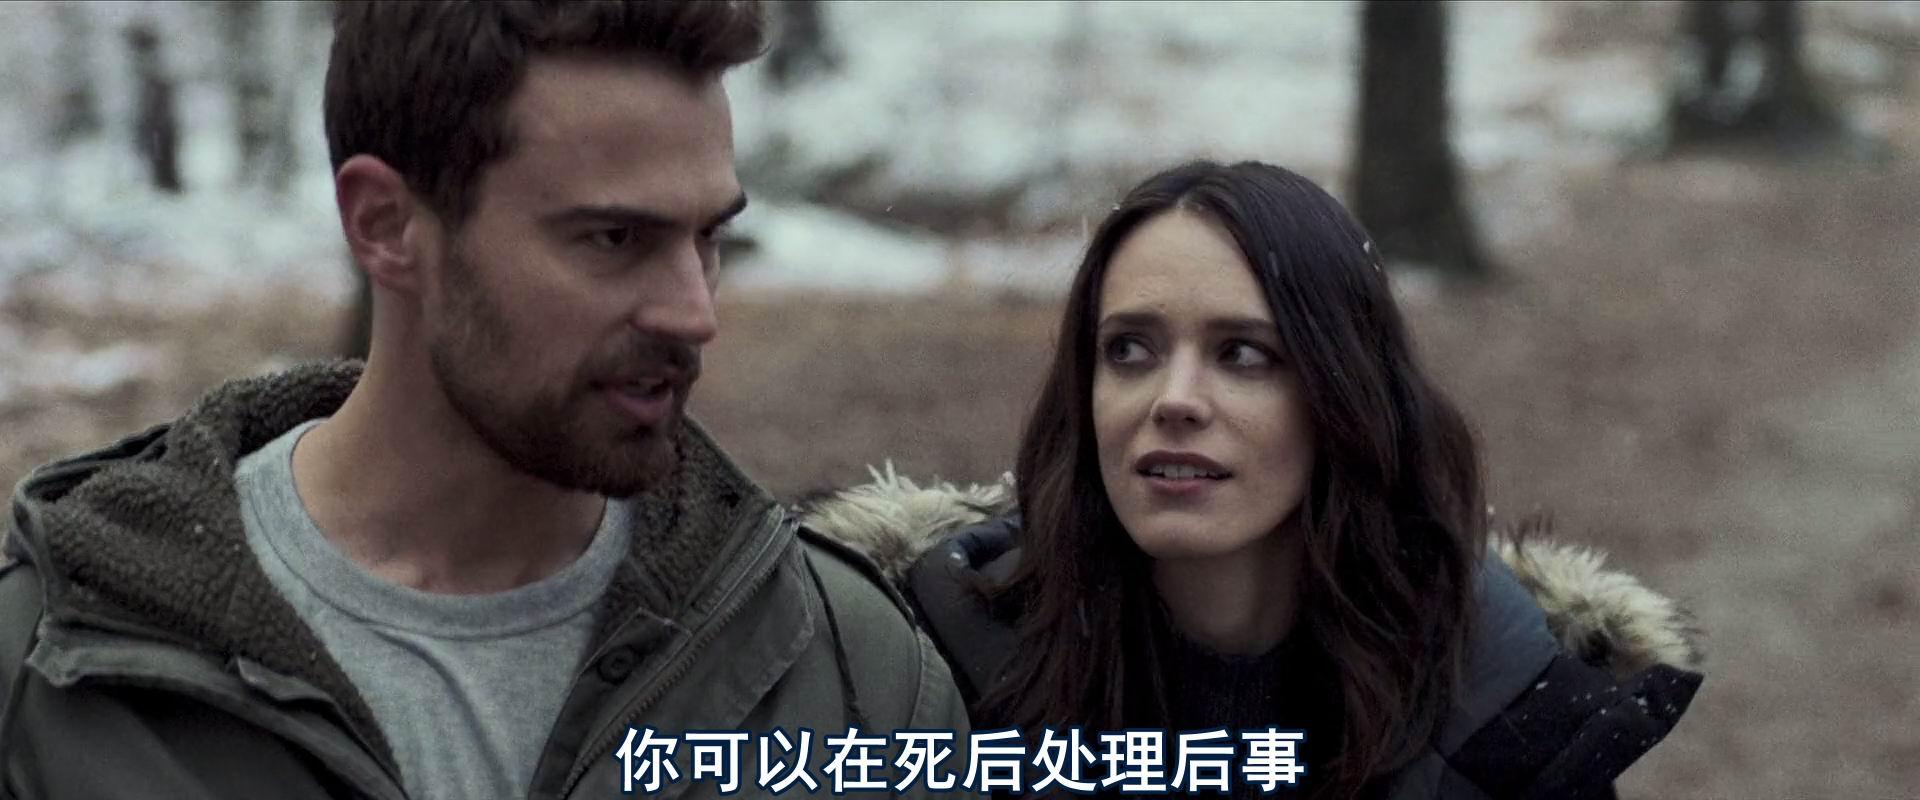 【博狗扑克】[绝密档案][BD-MKV/2G][英语中字][2020新片/1080p]